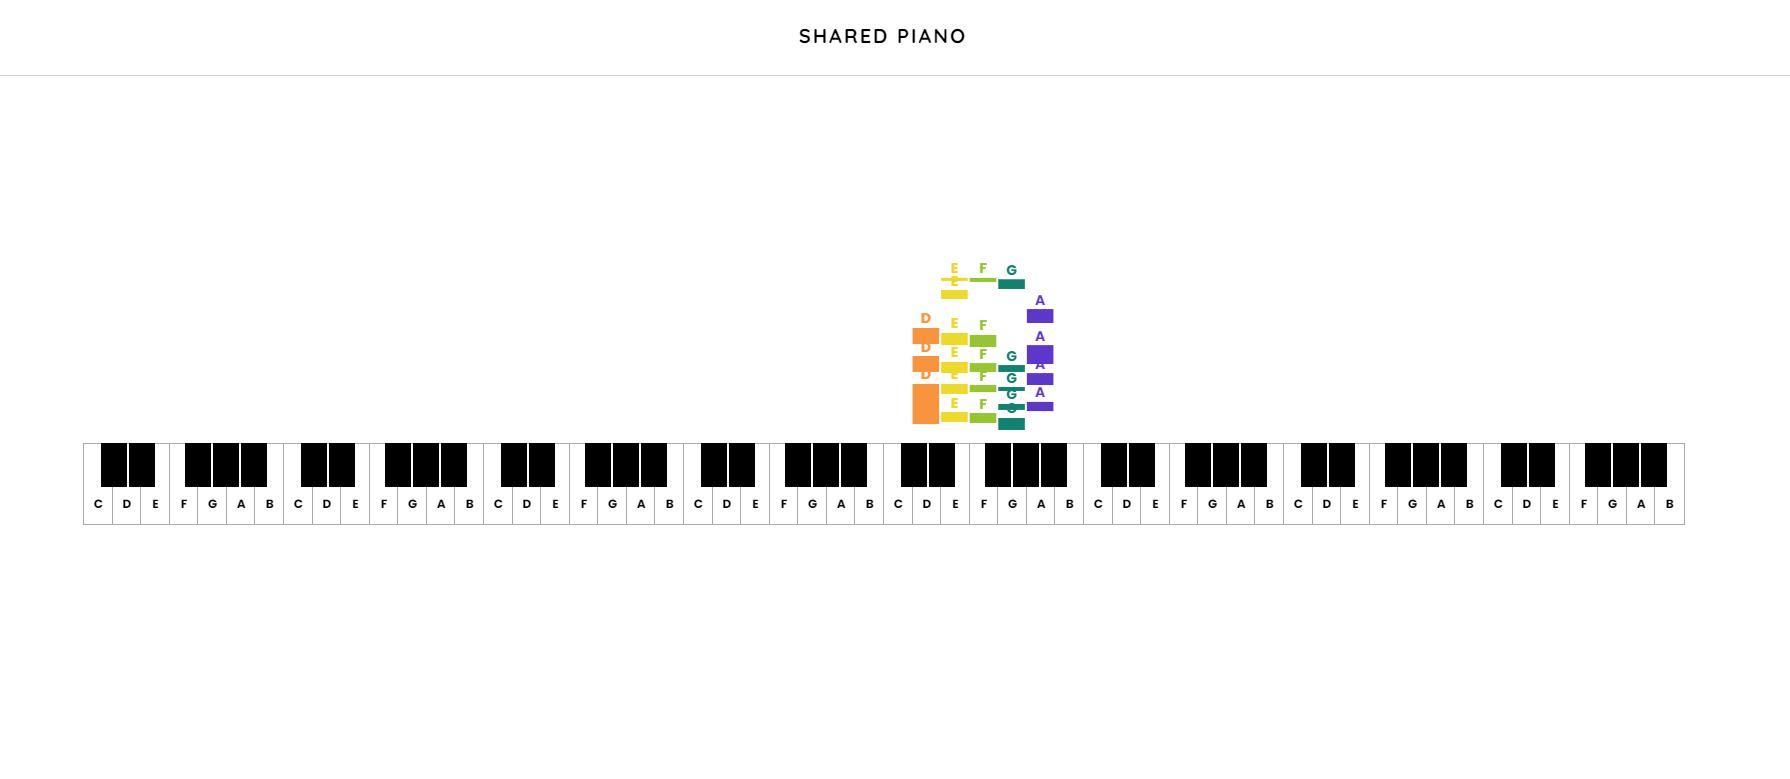 El Piano Online de Google que podemos compartir con los amigos